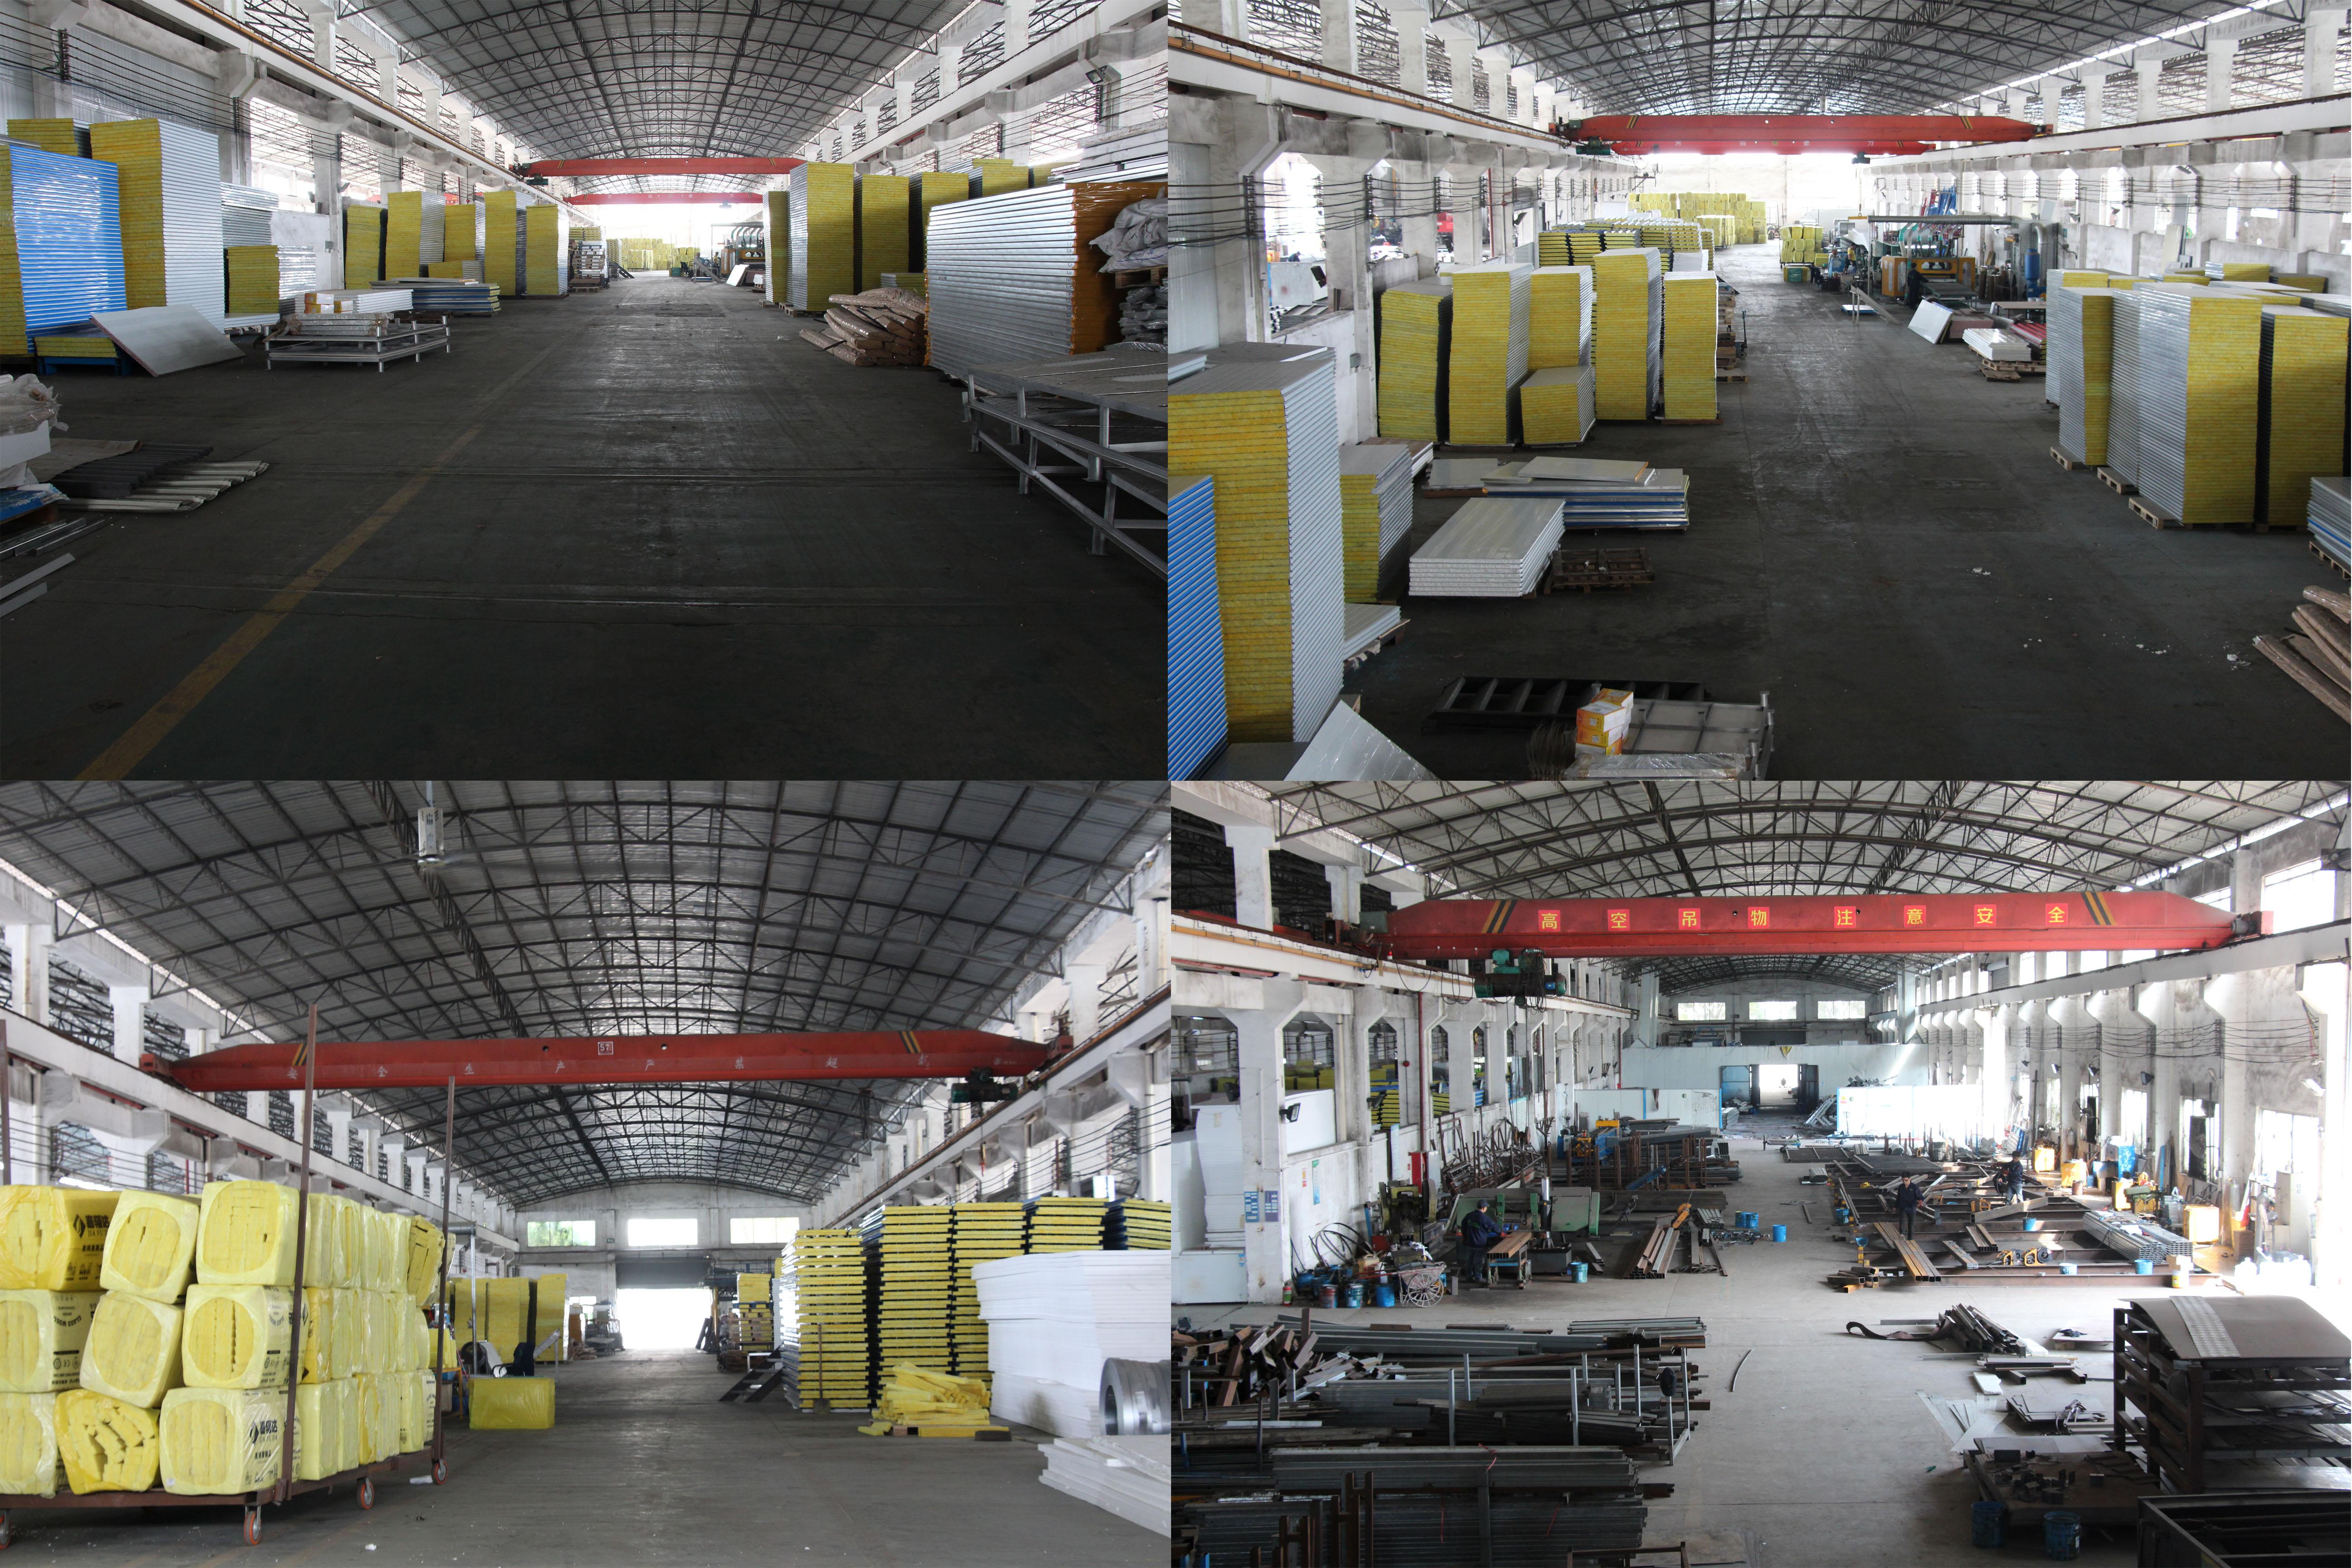 Chine jinpincheng entreprise maisons de conteneur de paquet plat maison maison maison de conteneur d'expédition de 40 pieds